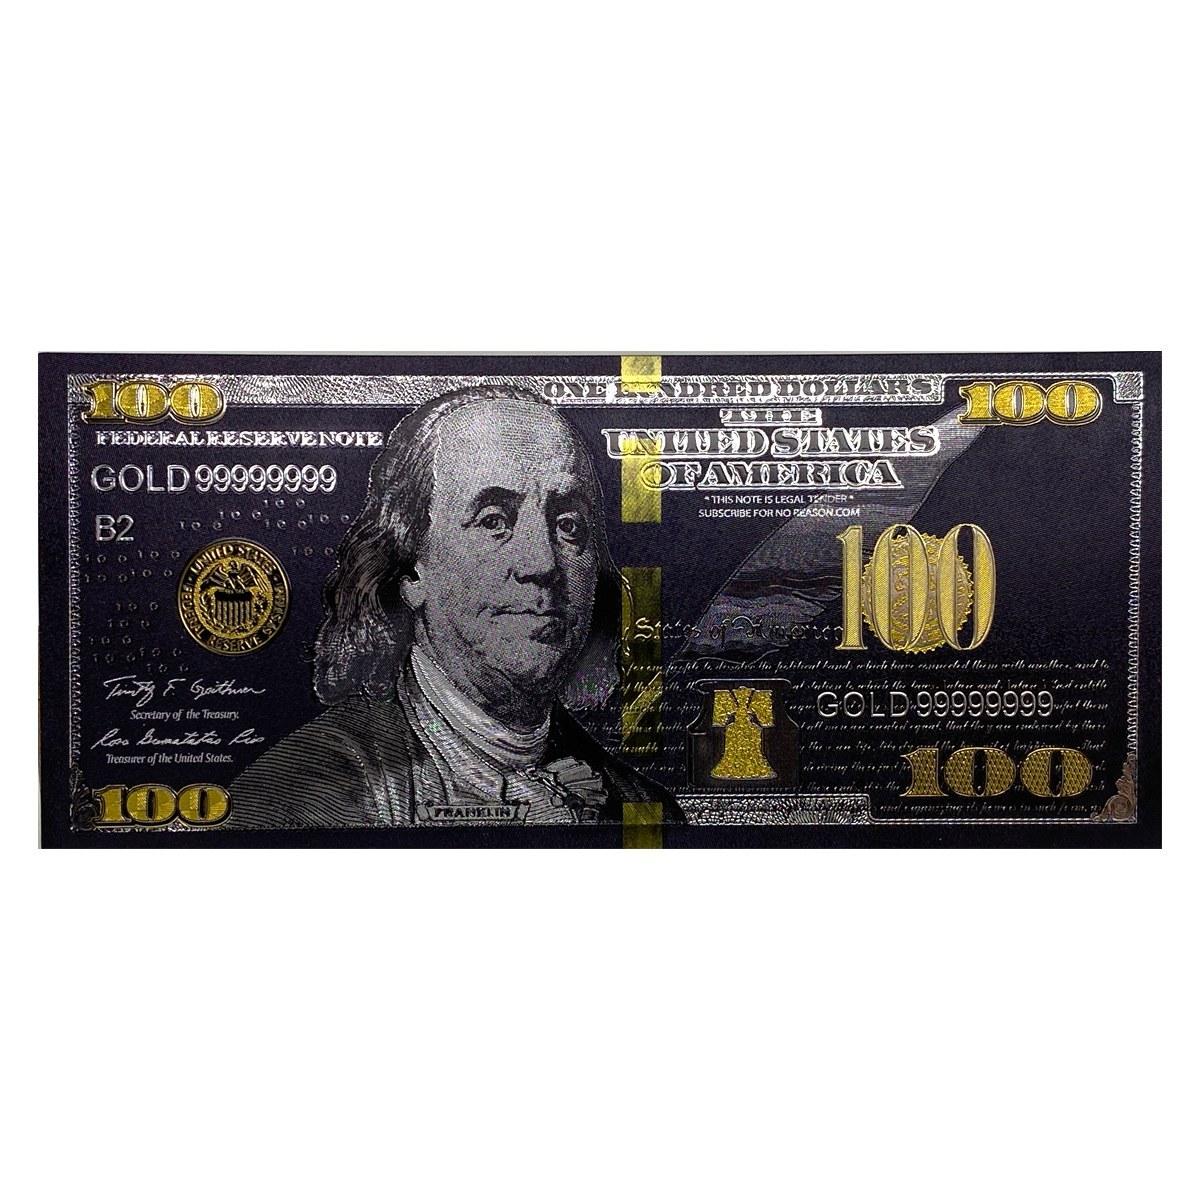 تصویر اسکناس 100 دلار آمریکا طرح بلک روکش آب طلا